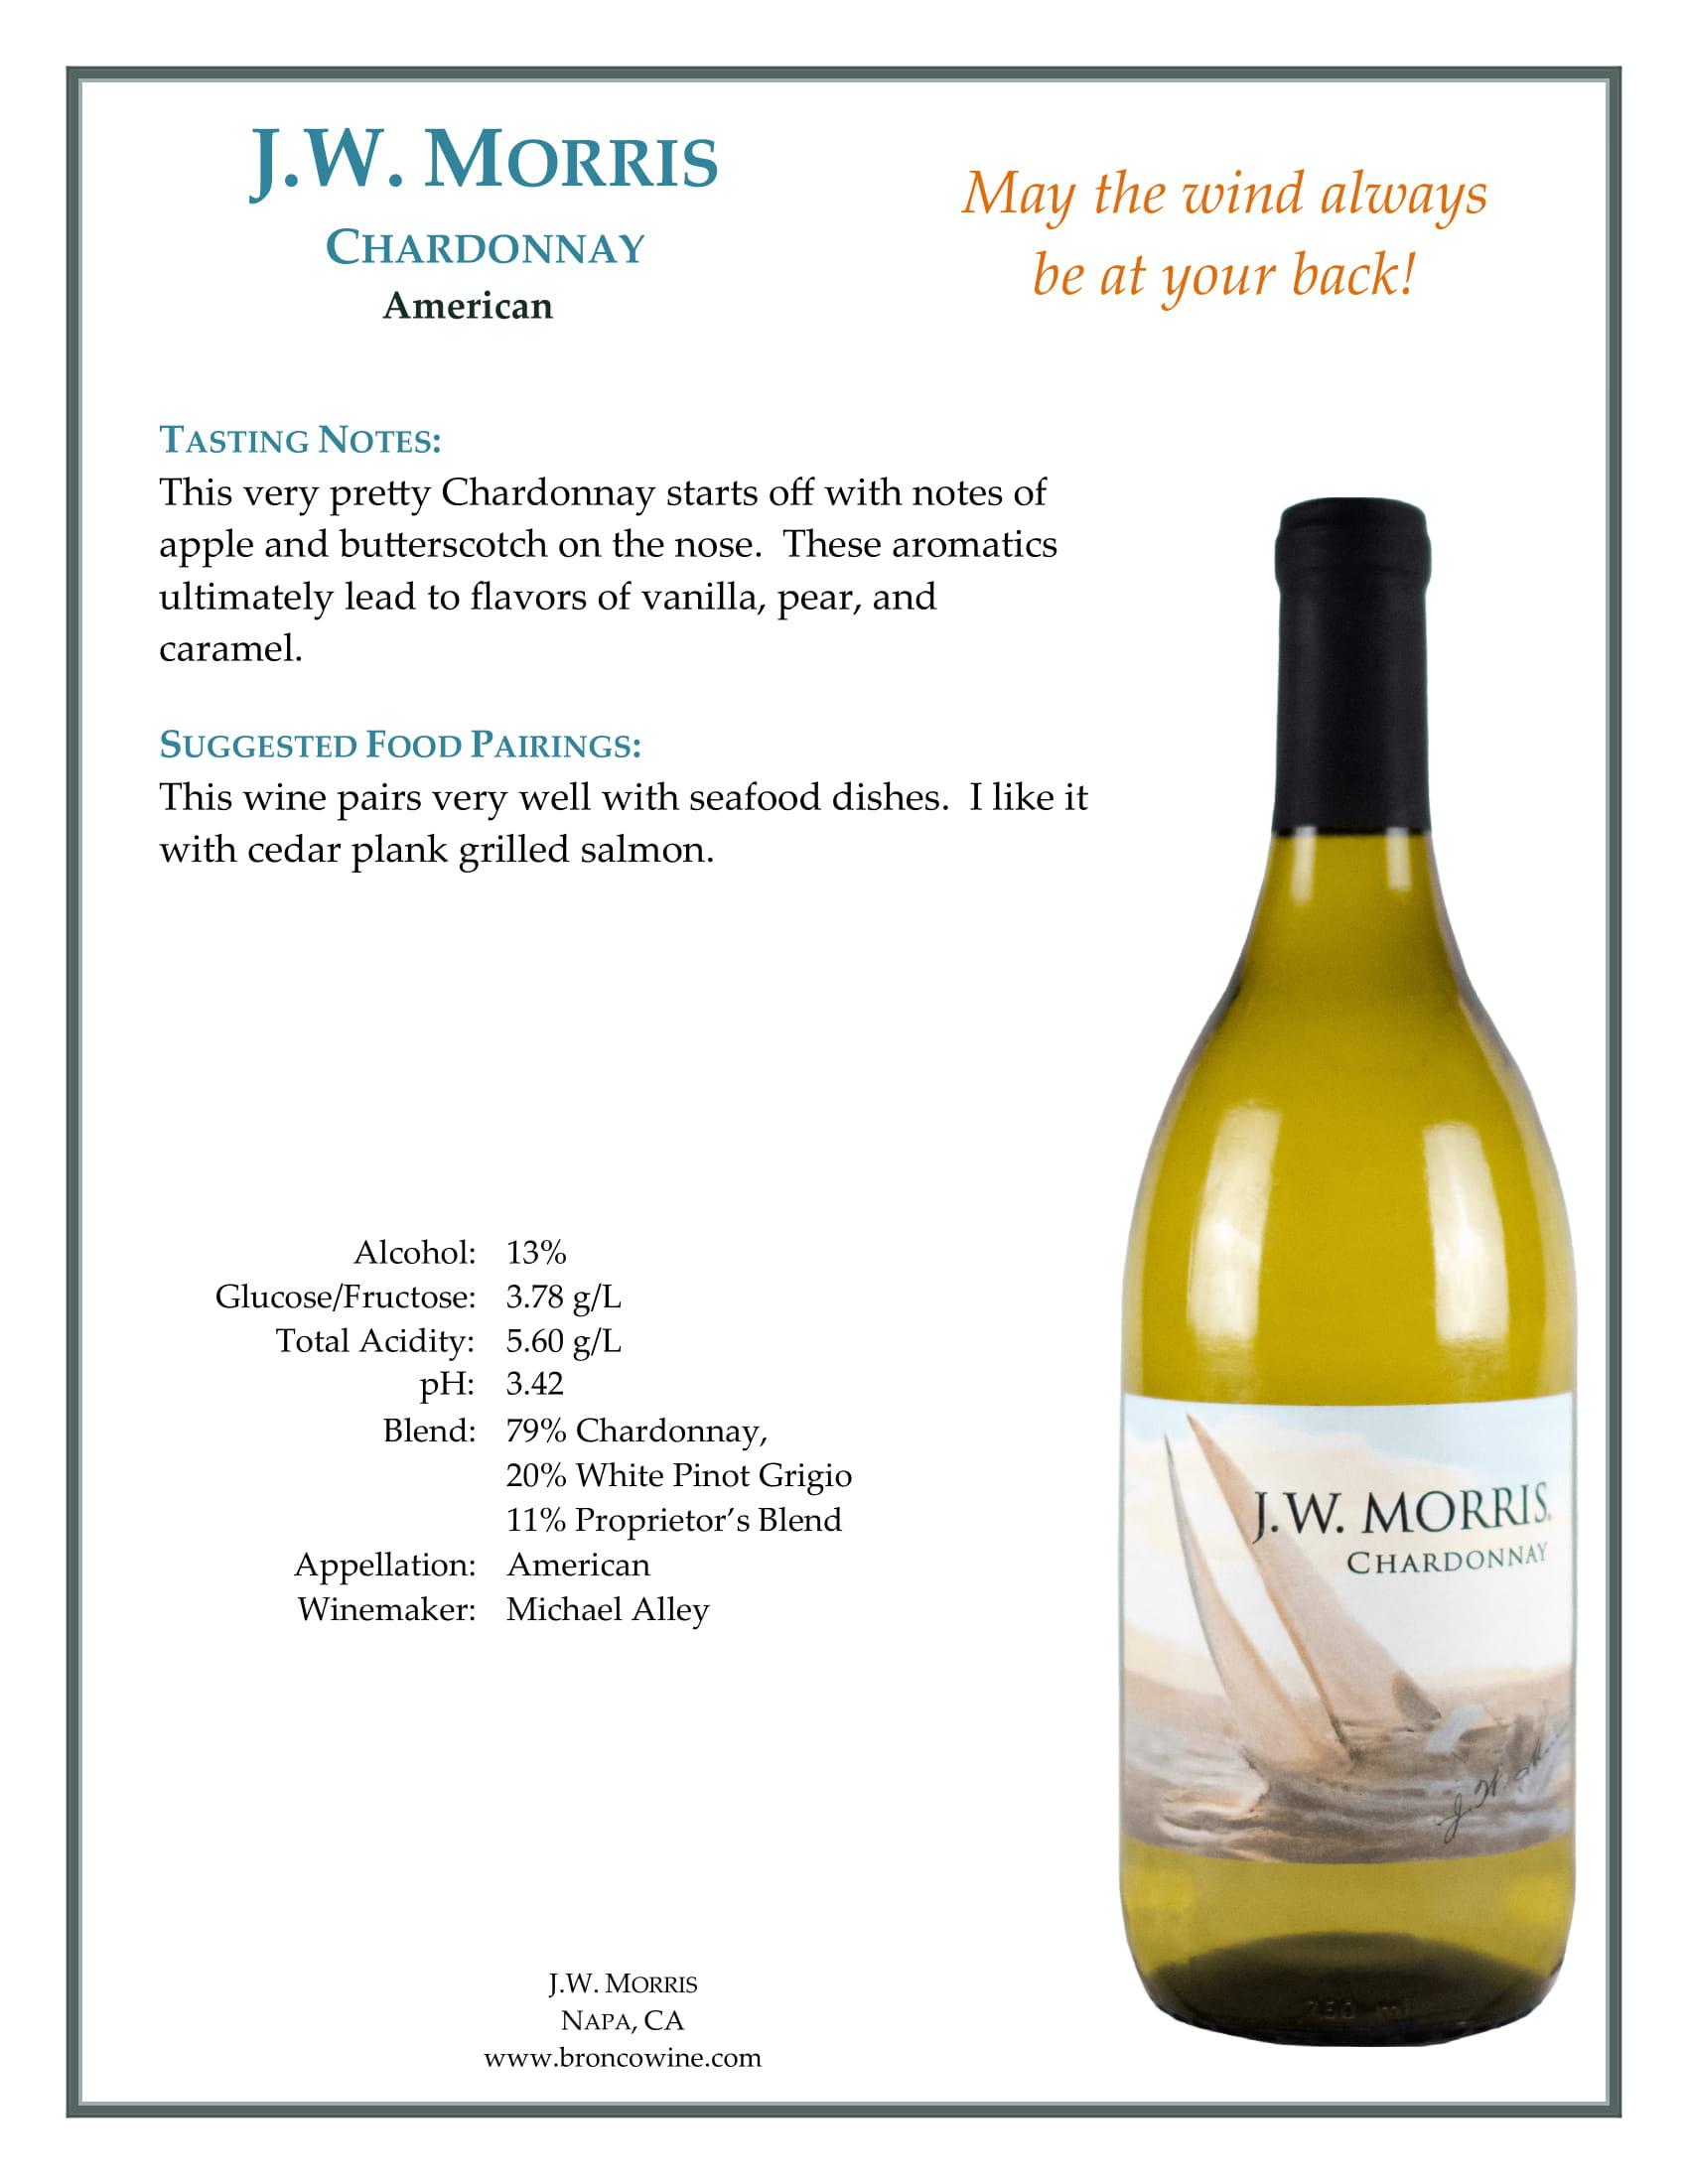 JW Morris Chardonnay Tech Sheet